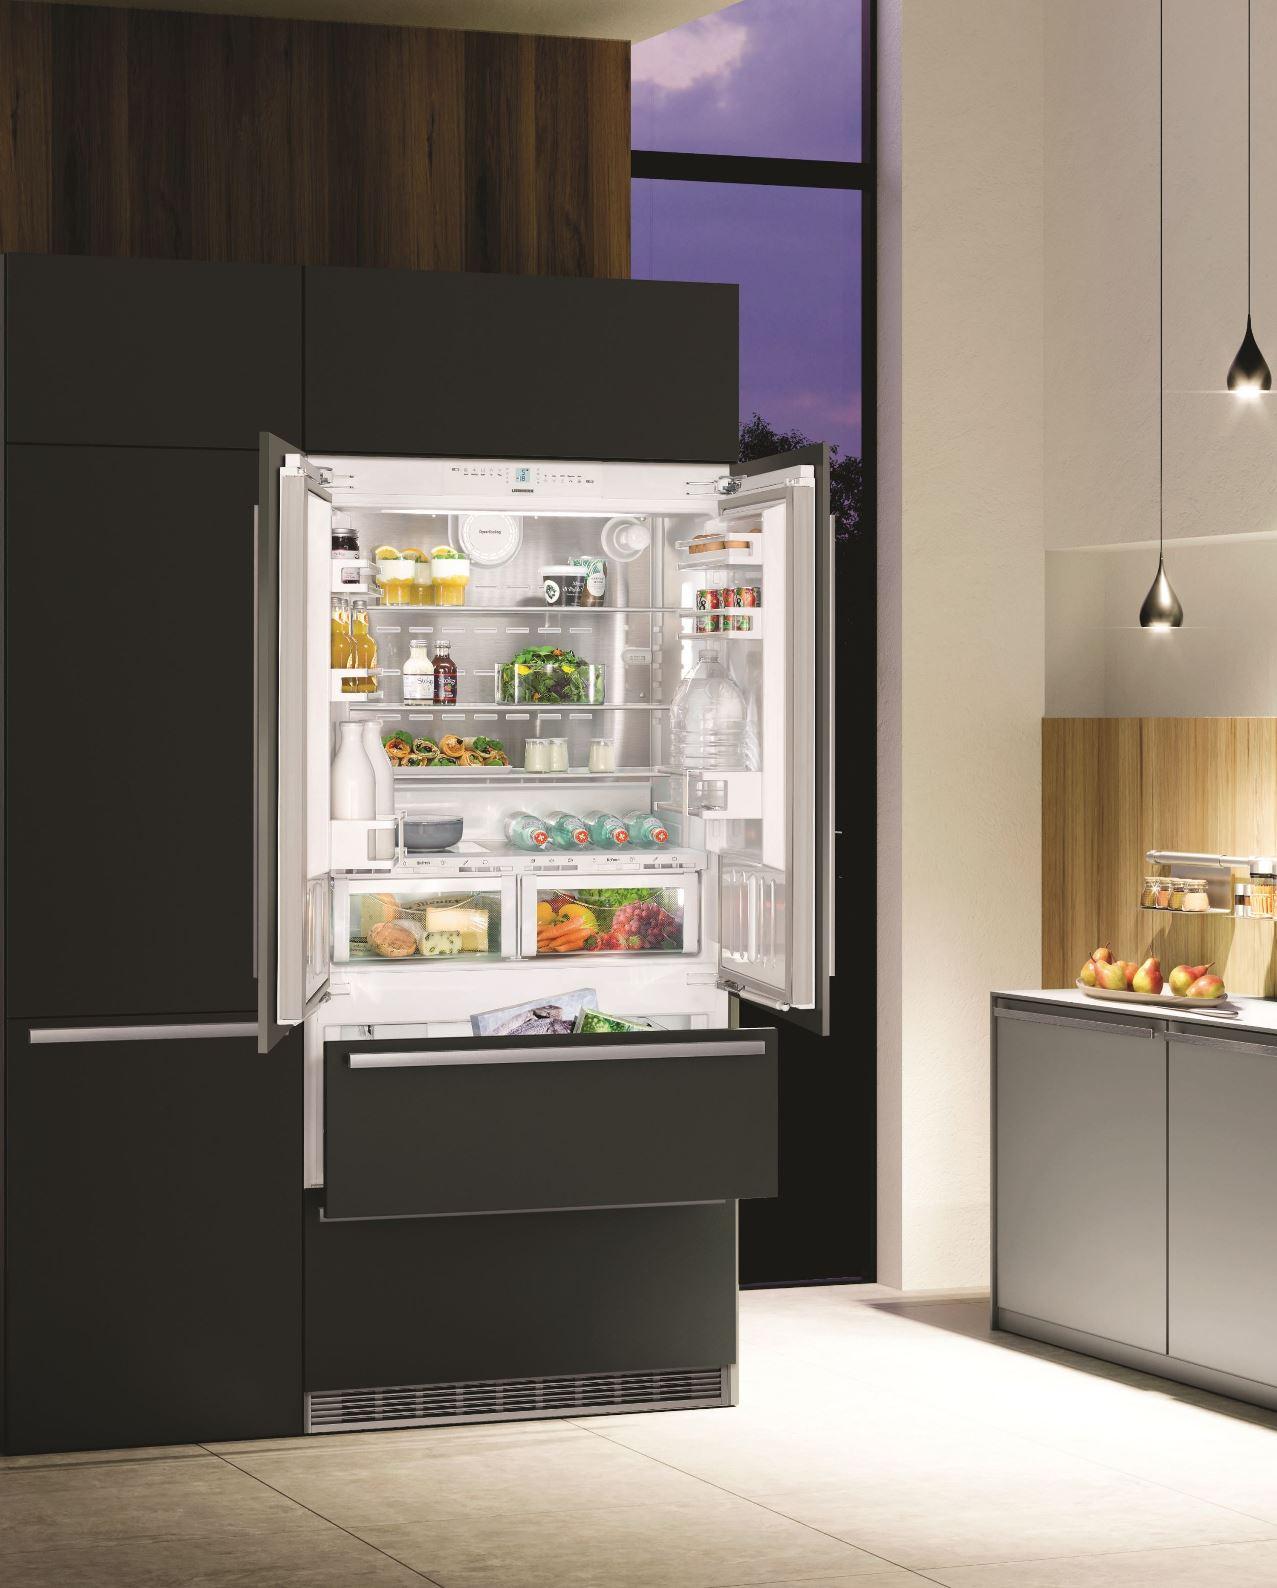 купить Встраиваемый двухкамерный холодильник Liebherr ECBN 6256 Украина фото 3